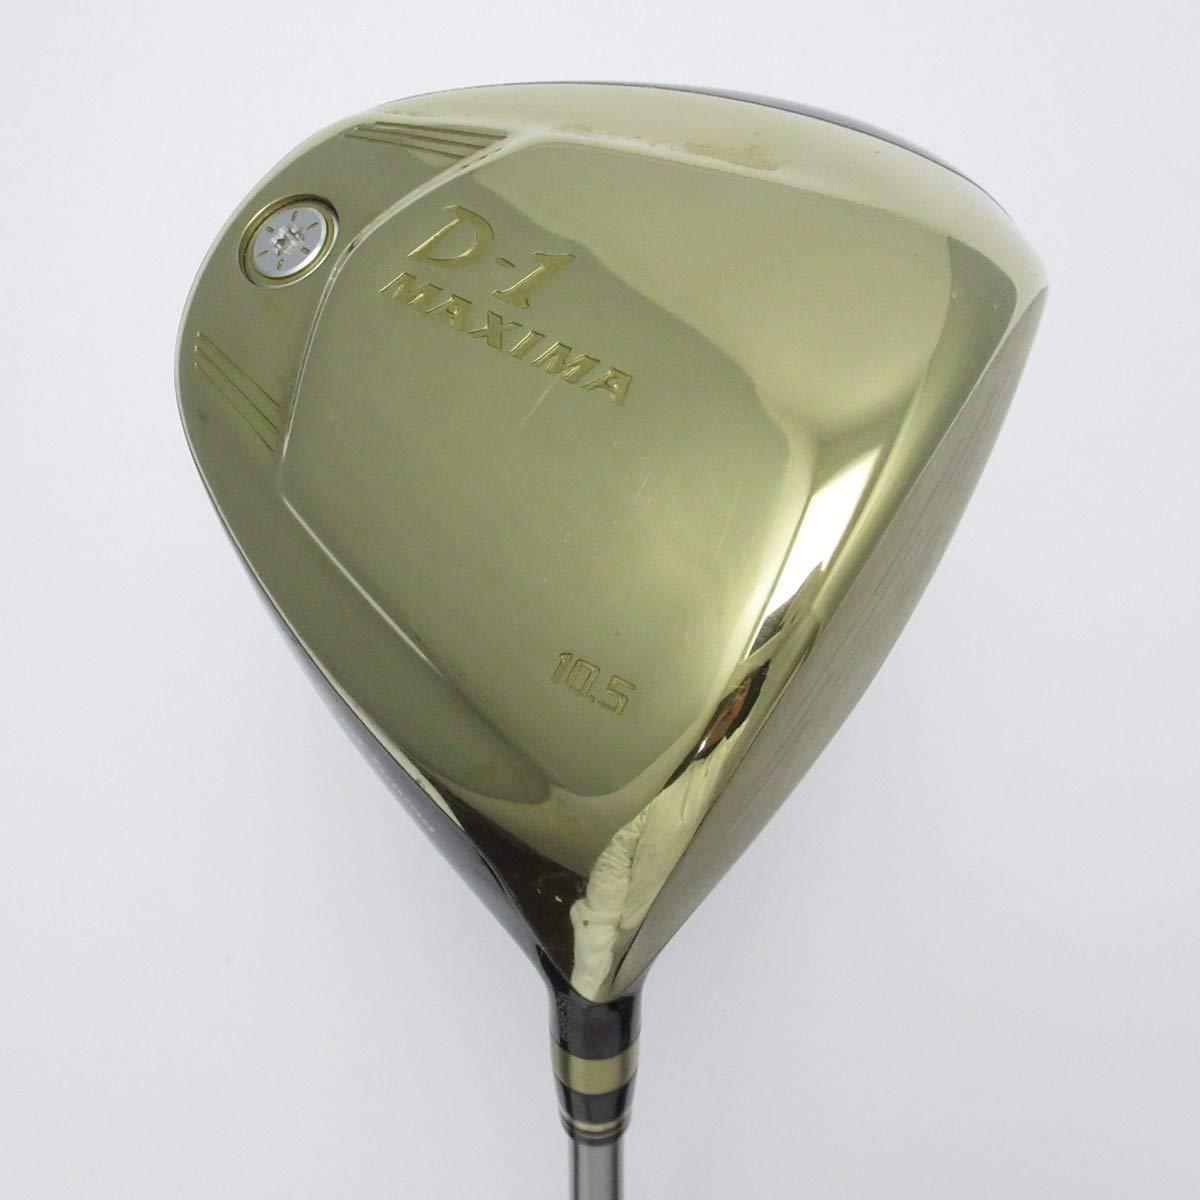 【中古】リョーマ ゴルフ RYOMA GOLF Ryoma D-1マキシマスペシャルチューニング(メーカー公認中古) ゴールド ドライバー Tour AD MX-G 【ルール非適合】 B07MZX11T3  R